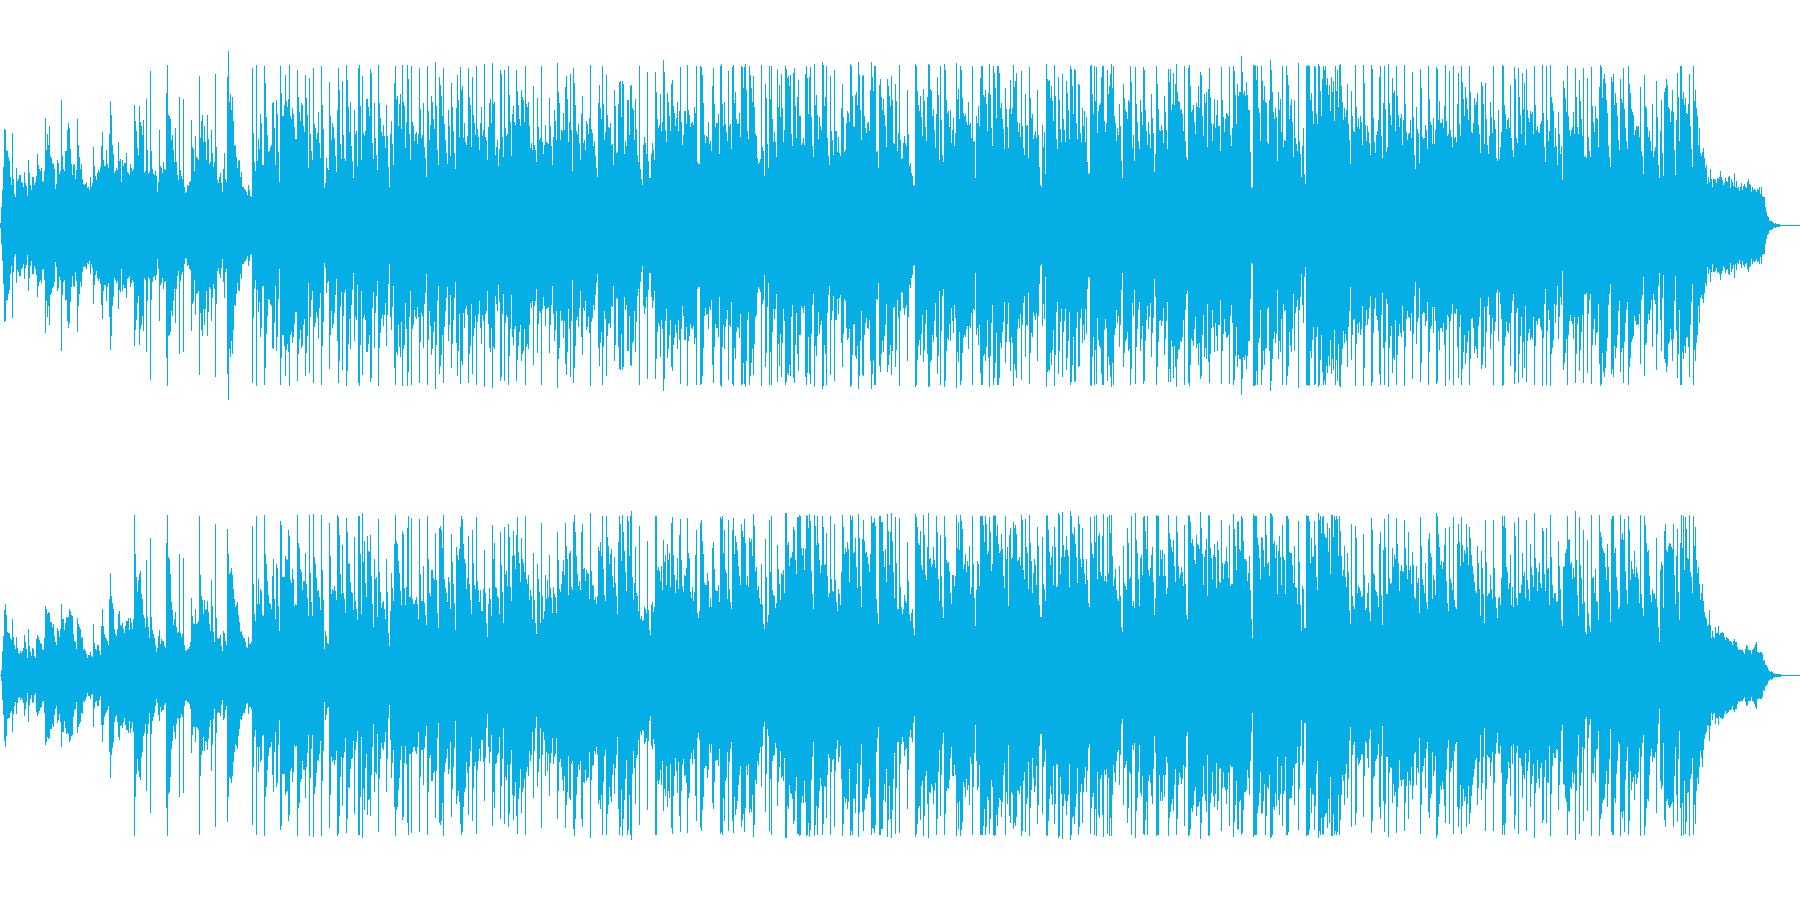 穏やかなテンポのポップスの再生済みの波形